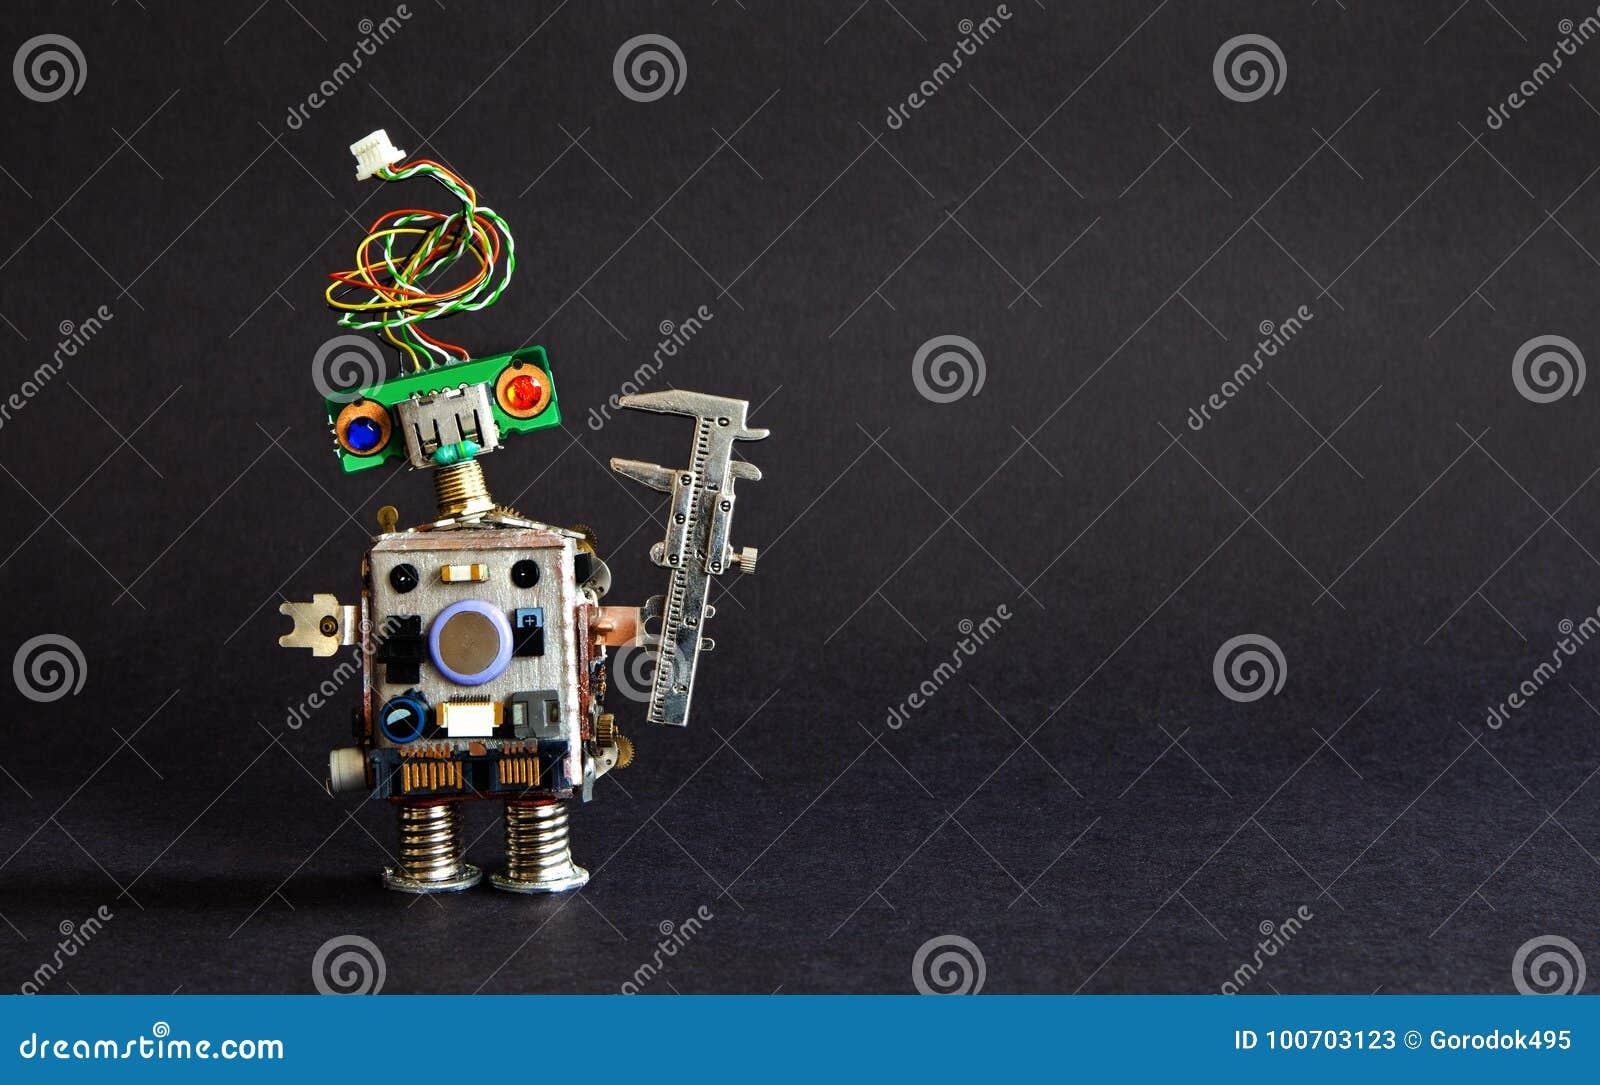 βιομηχανία 4 έννοια τεχνολογίας αυτοματοποίησης 0 Δημιουργικός παχυμετρικός διαβήτης μηχανικών ρομπότ σχεδίου στο μαύρο υπόβαθρο